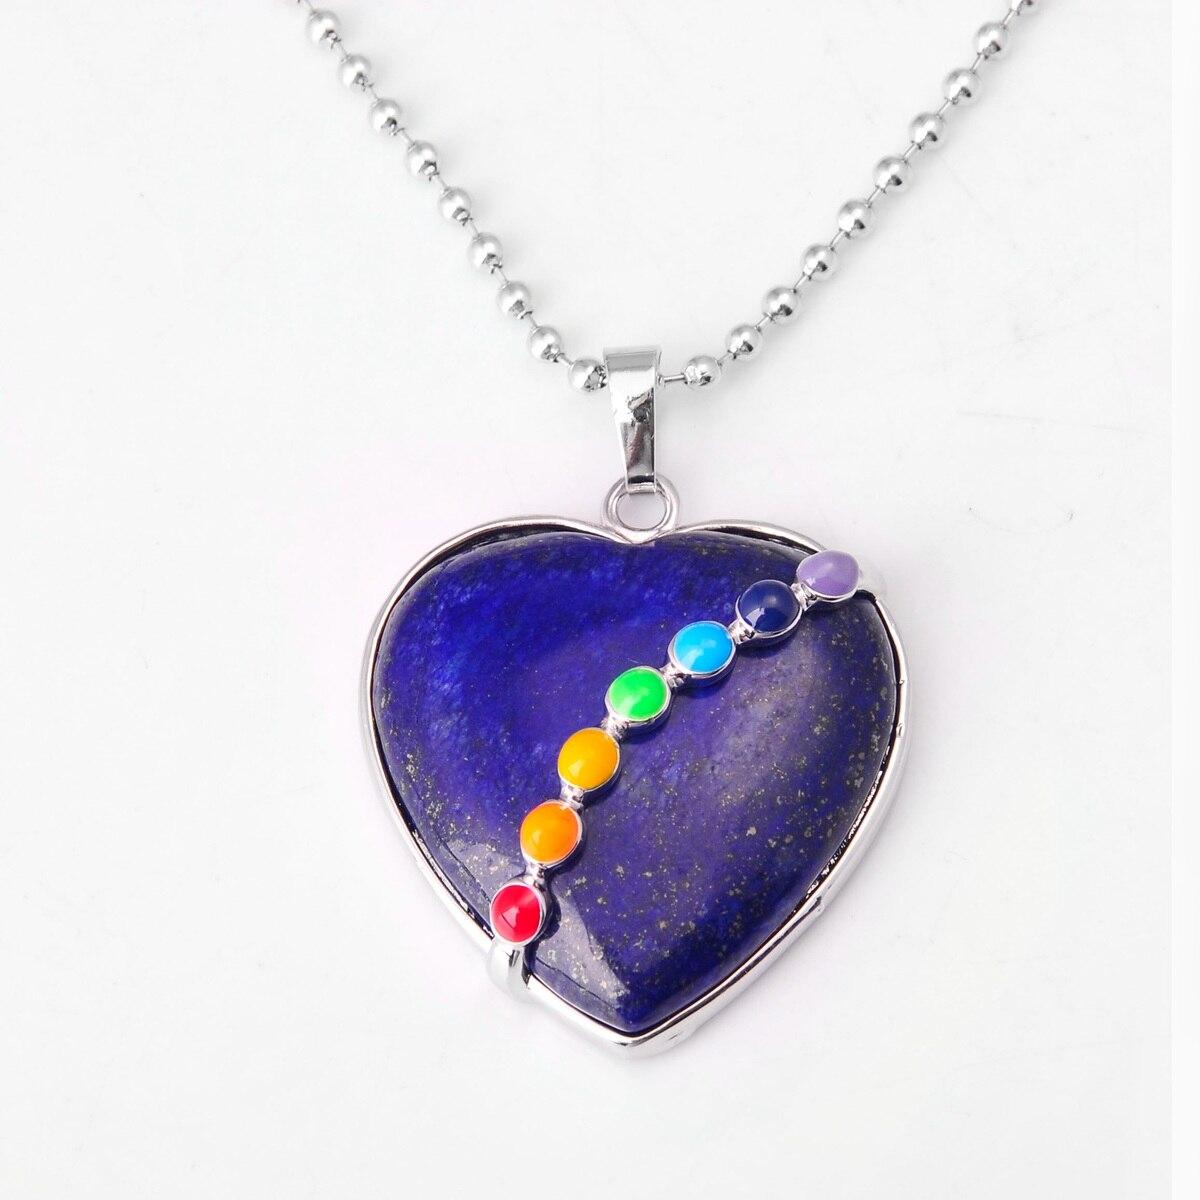 ASHMITA малахитовое сердце из кабошона с 7 чакра камень кулон ожерелье - Окраска металла: 35